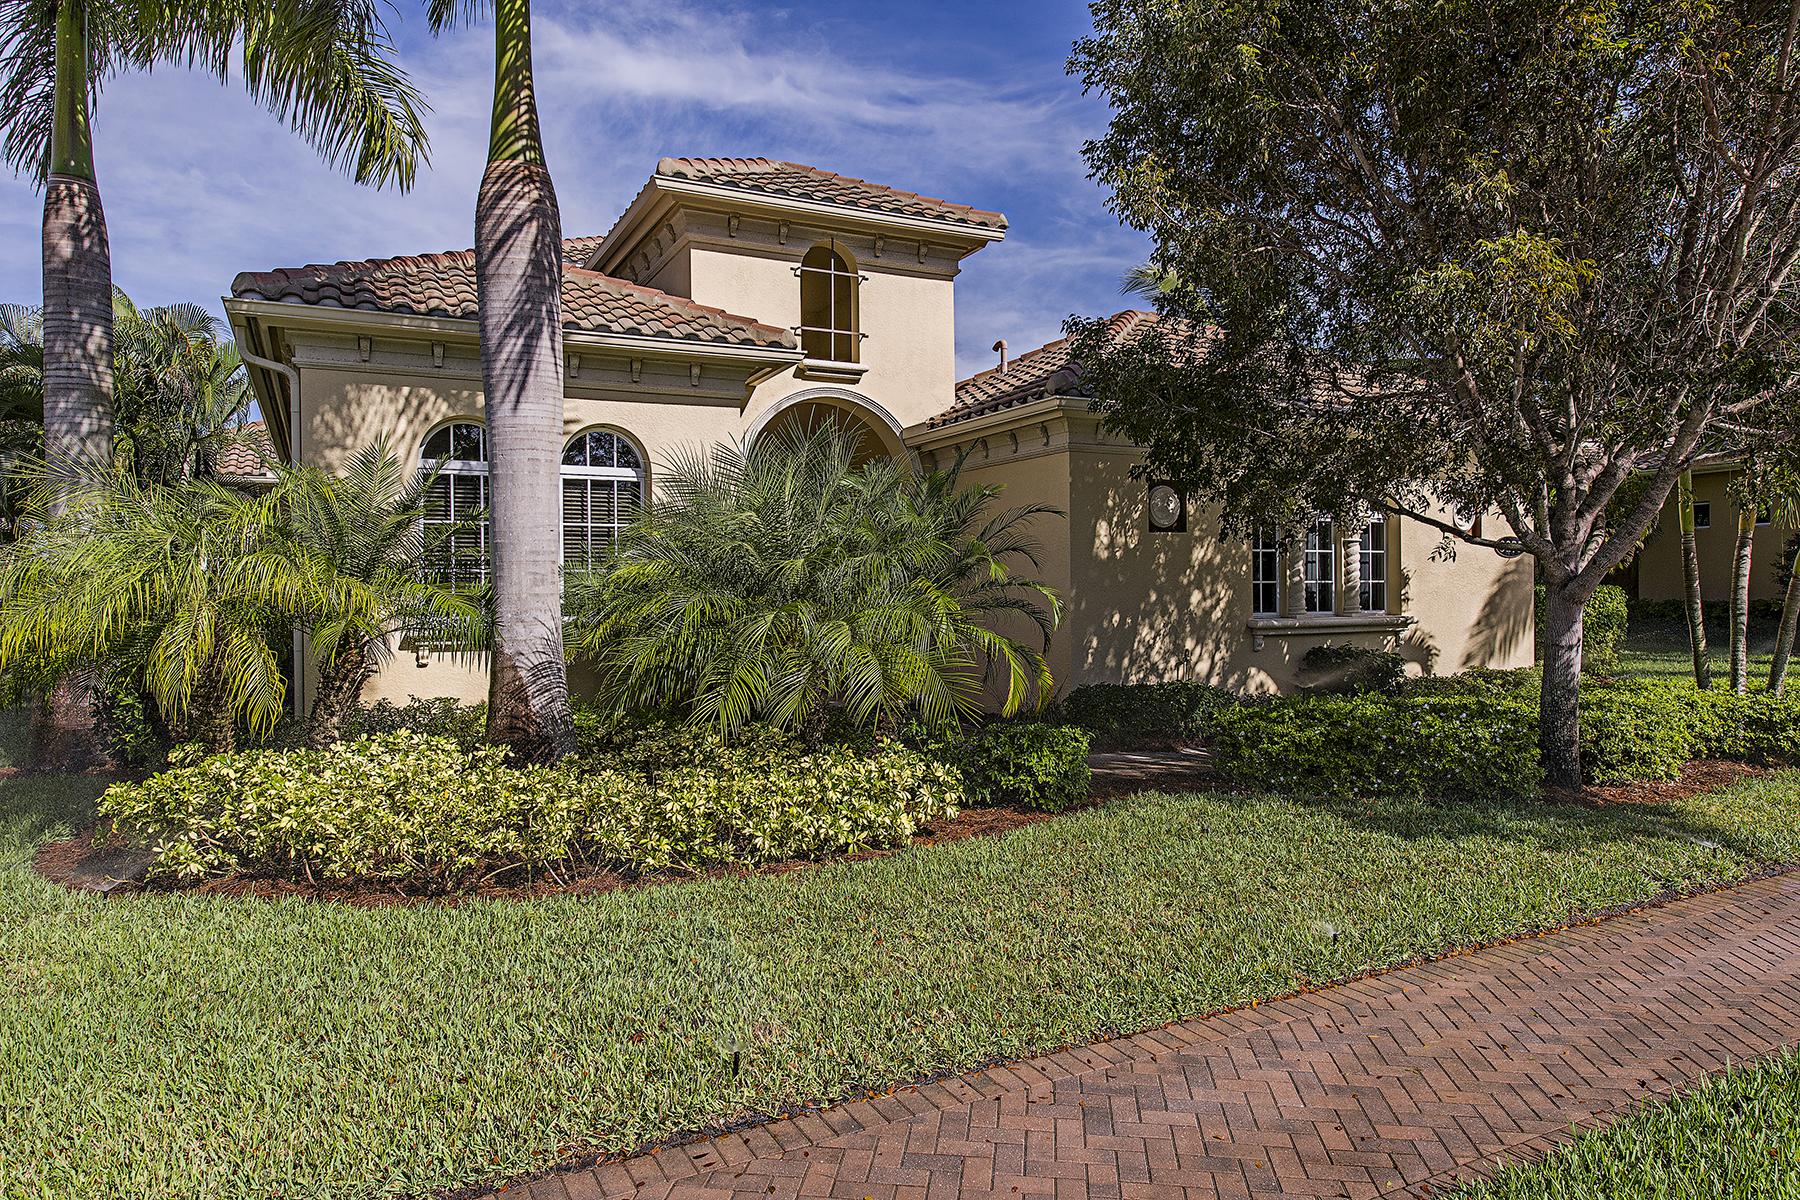 一戸建て のために 売買 アット FIDDLER'S CREEK - SAUVIGNON 3275 Hyacinth Dr Naples, フロリダ, 34114 アメリカ合衆国